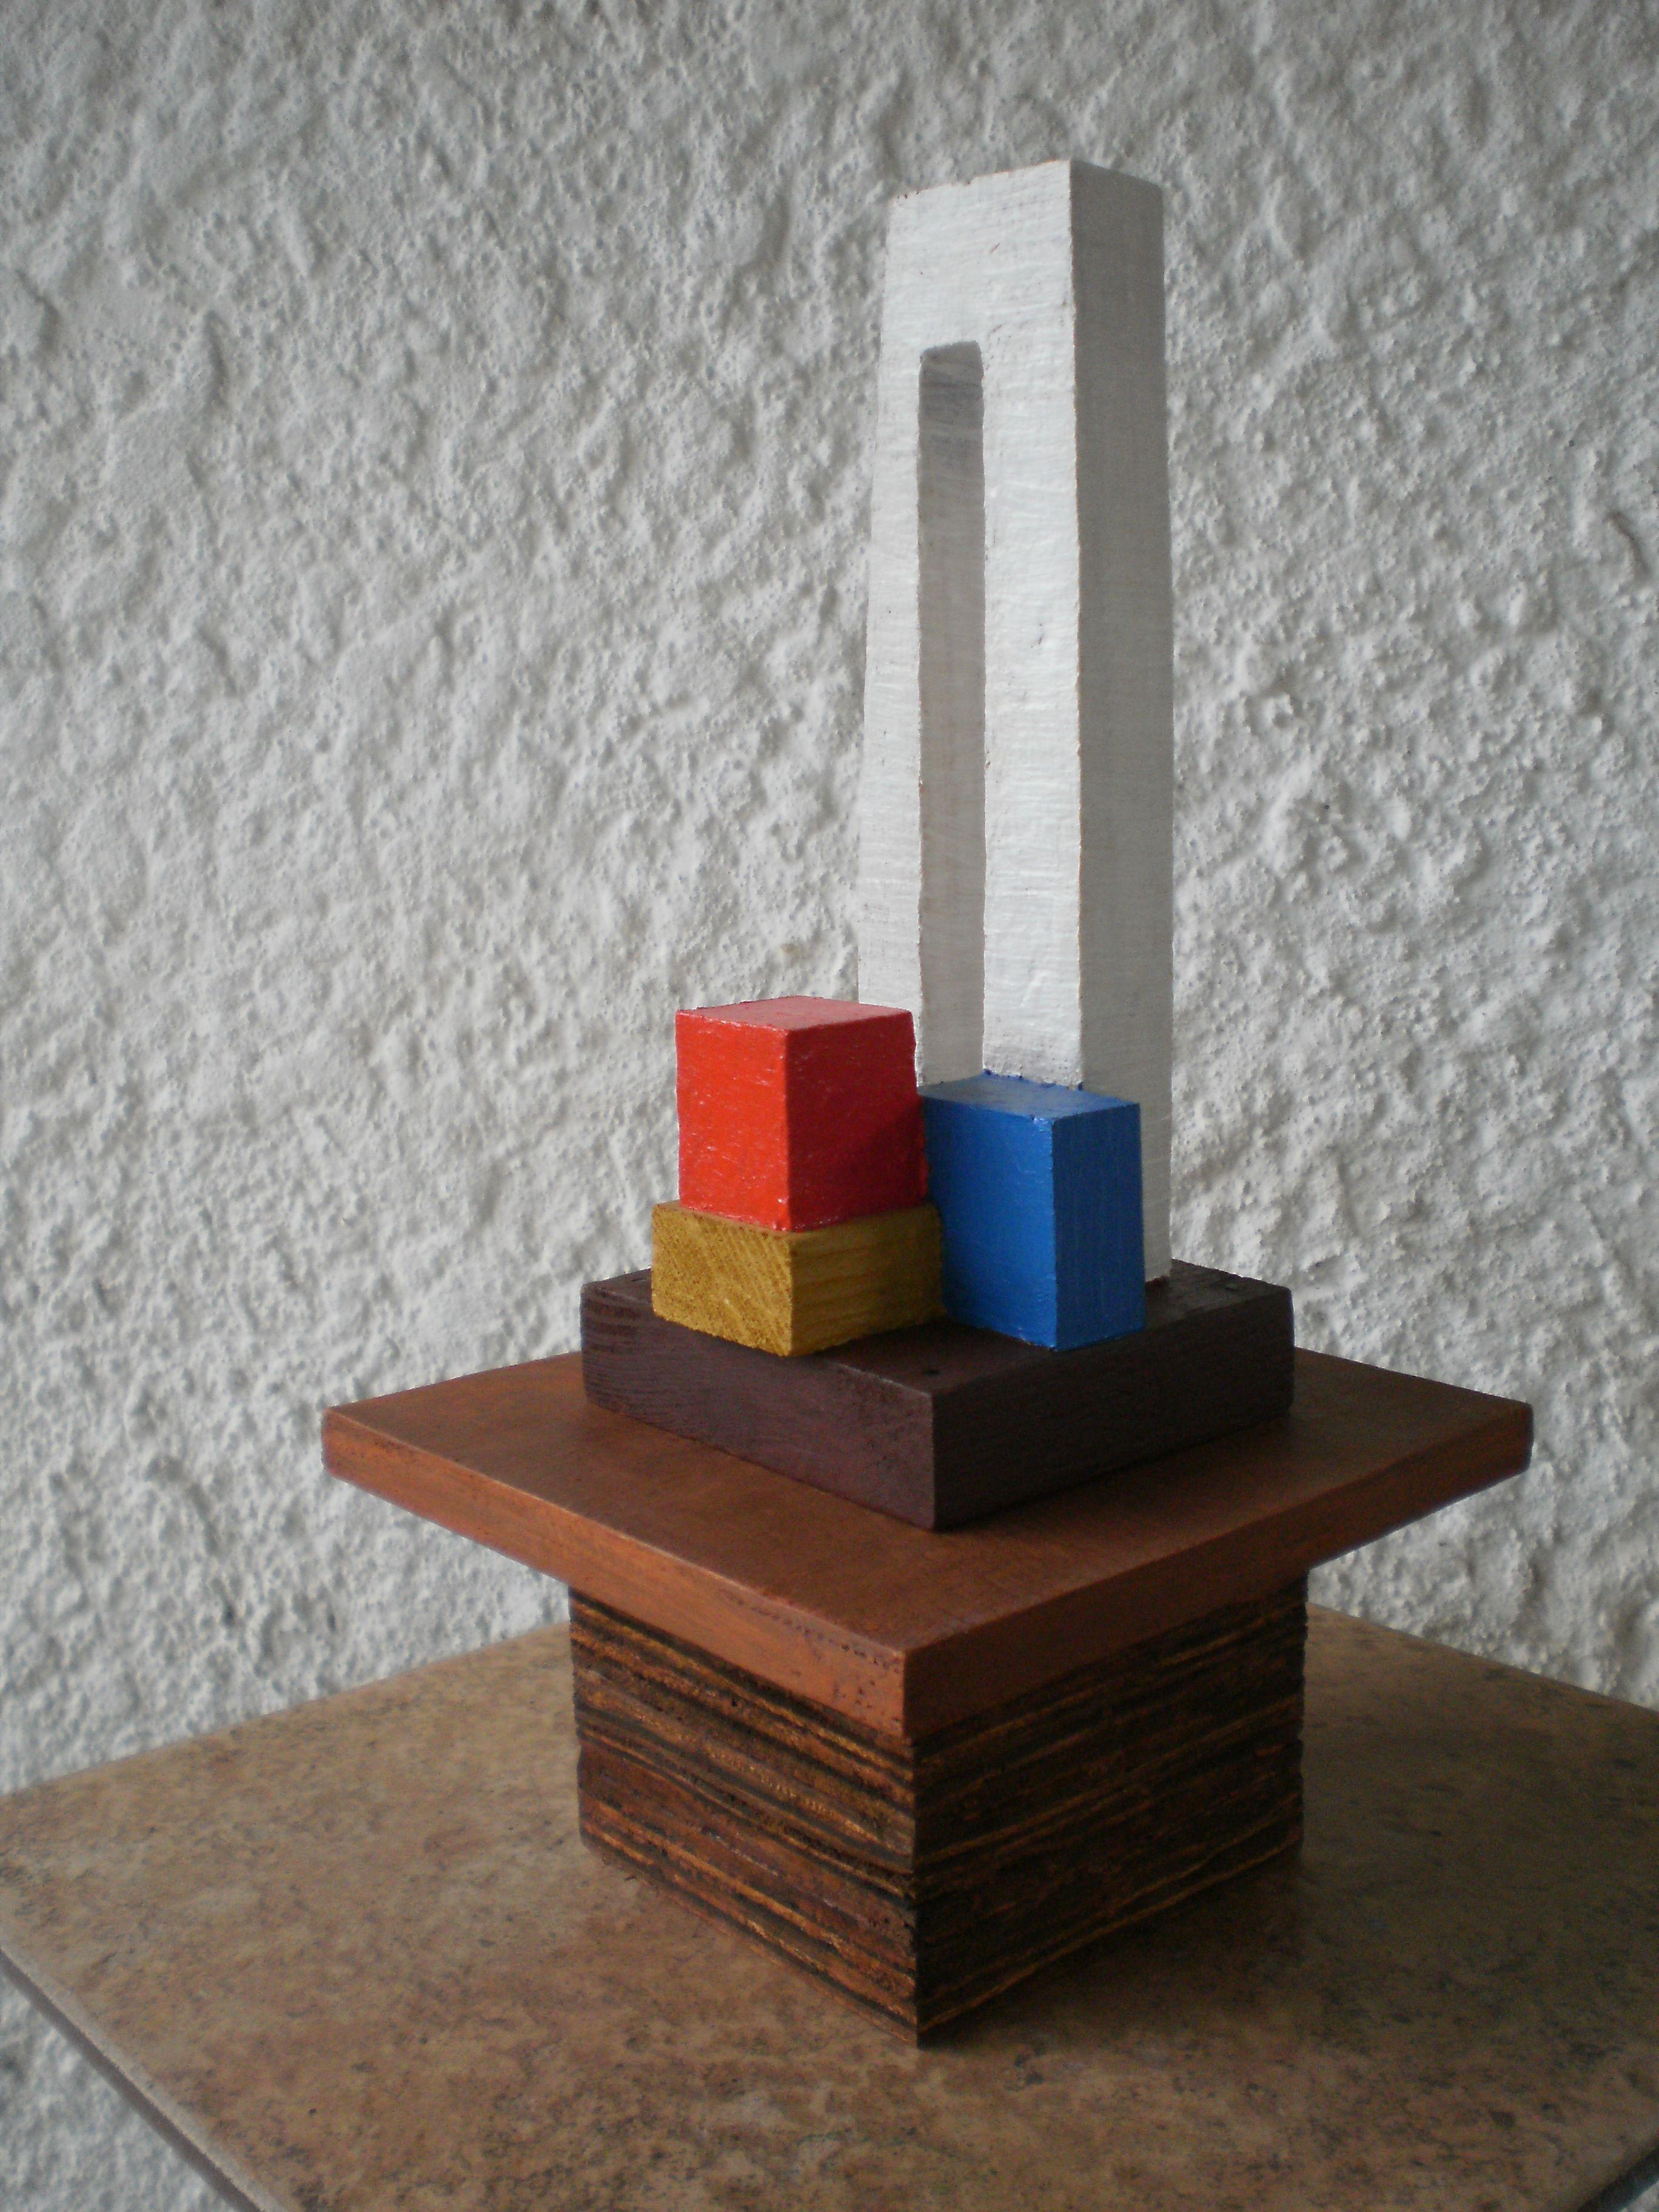 """""""Zancudo 1"""" - Ensamble constructivo policromado (madera maciza/contrachapada y colores) Autor: Raúl Pérez Fernández (Delta El Tigre/dpto. de San José - Uruguay)"""